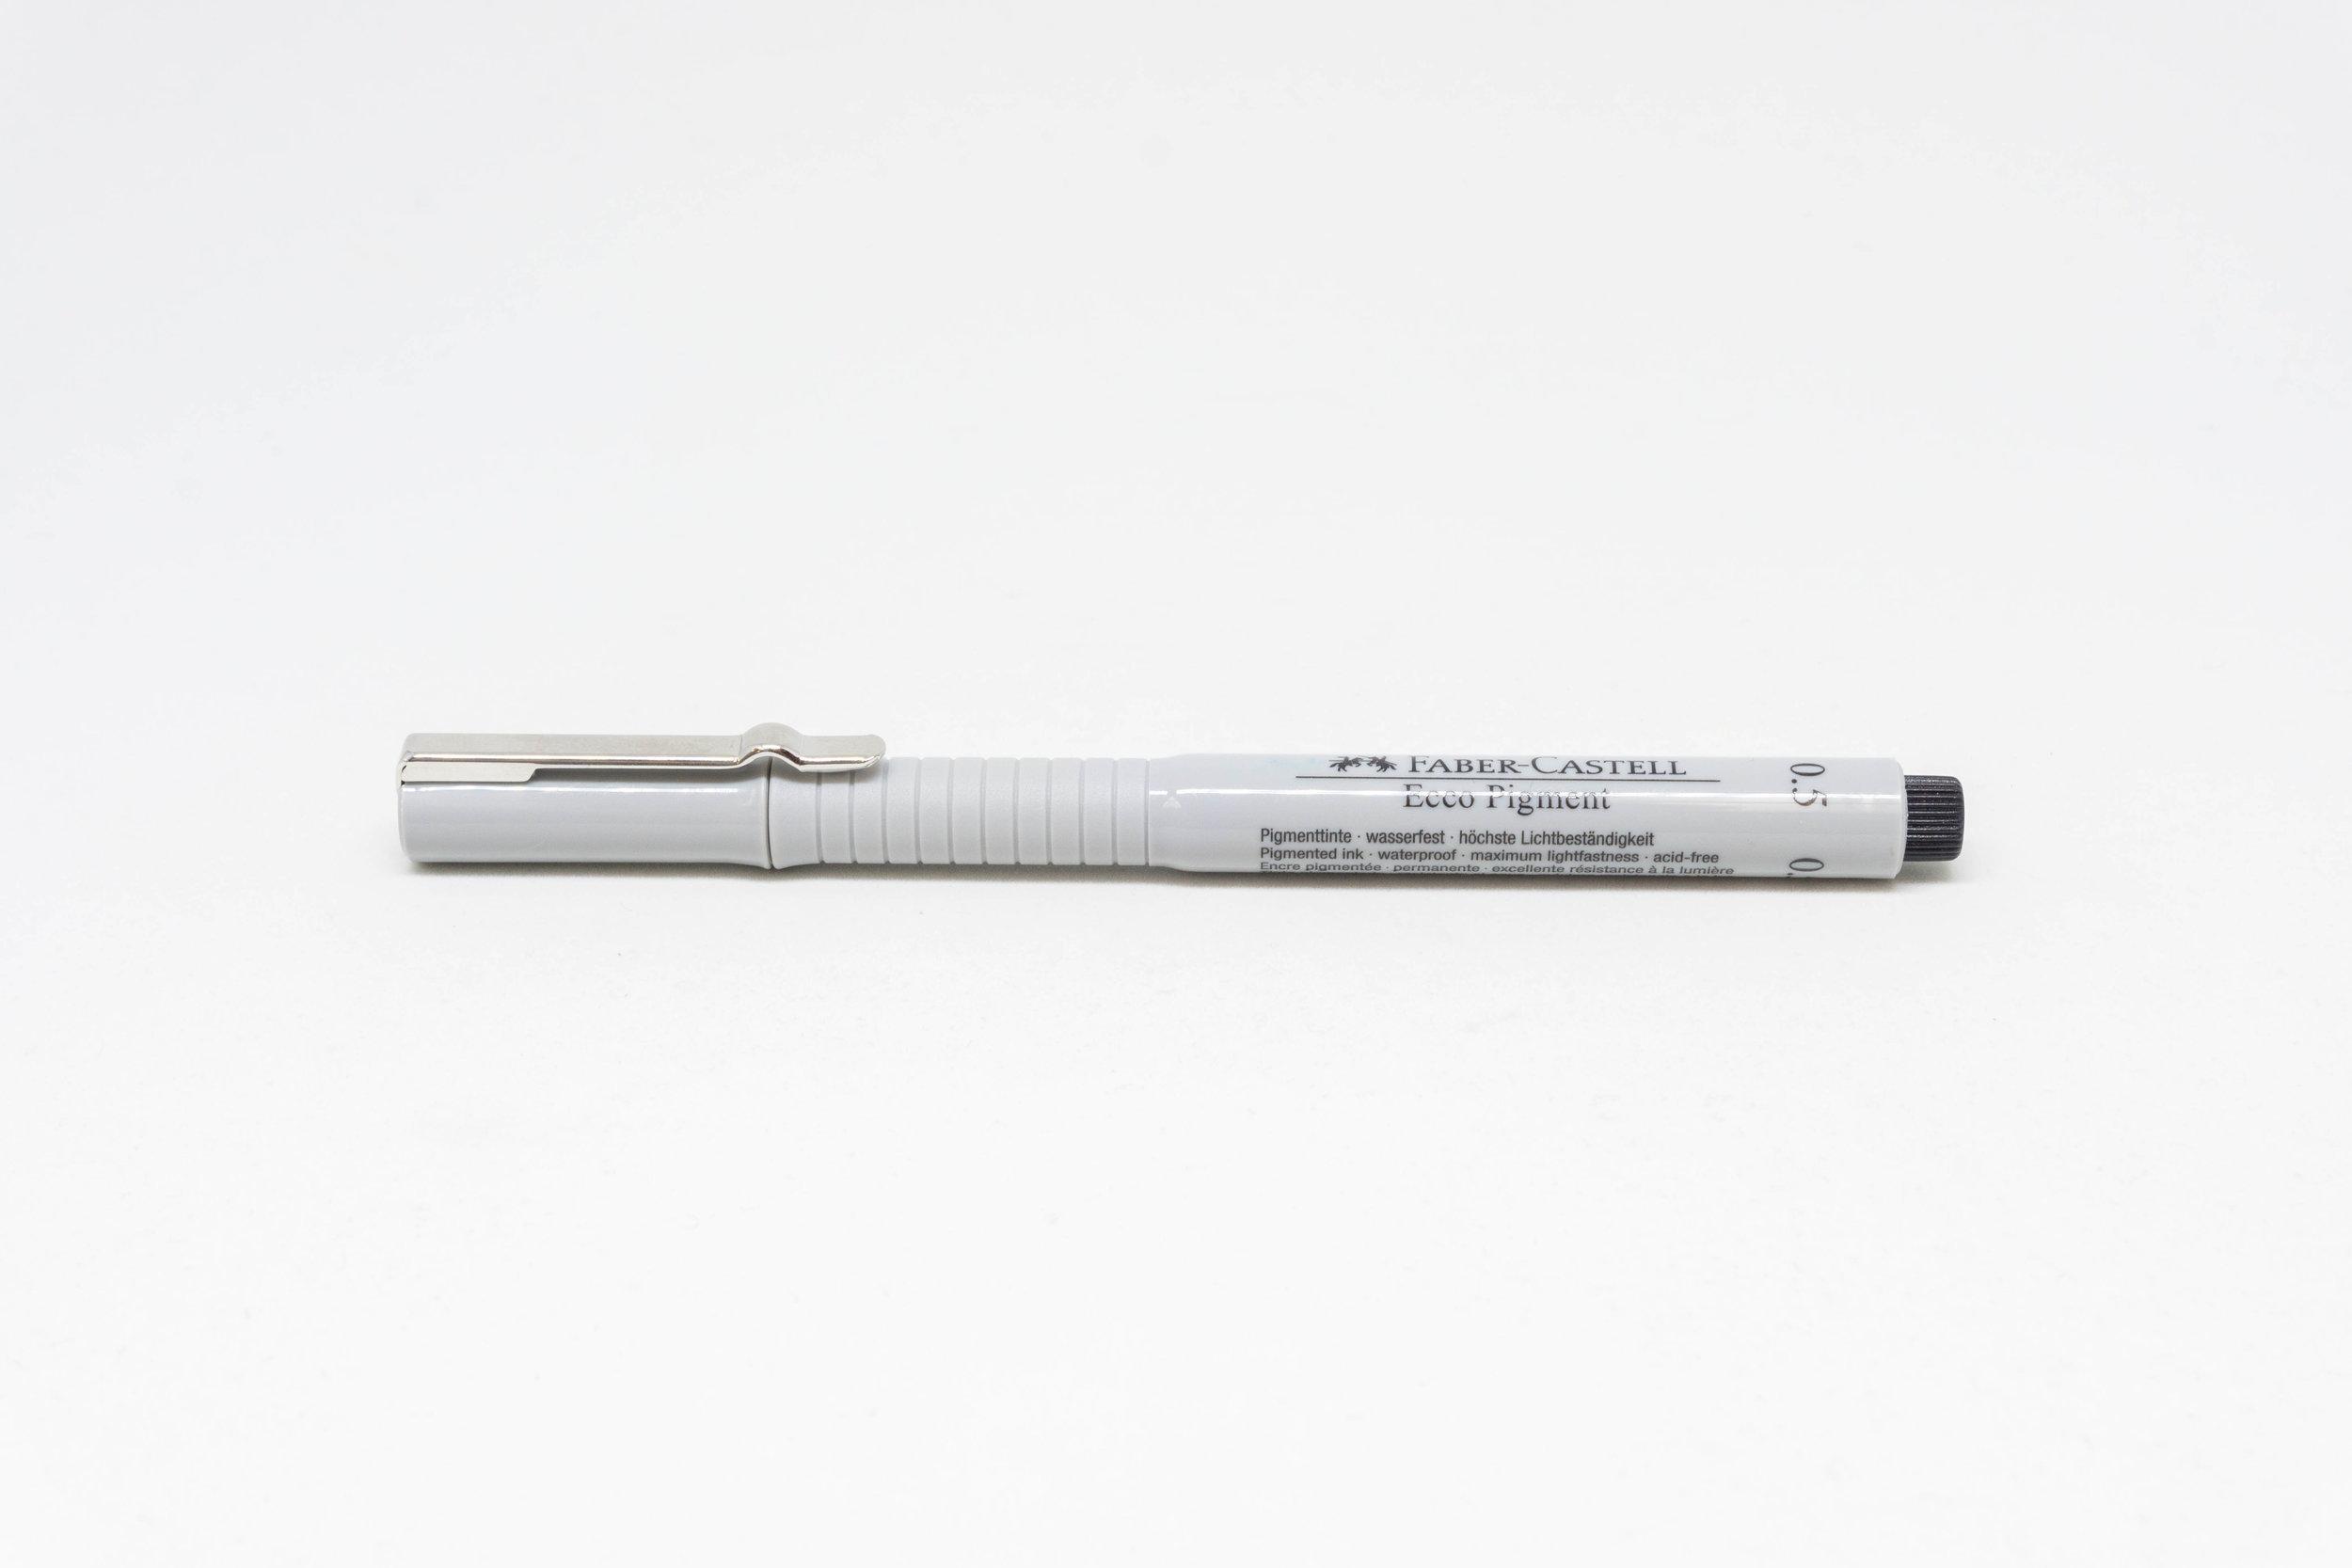 Faber Castell - ECCO Pigment Pen — Phidon Pens